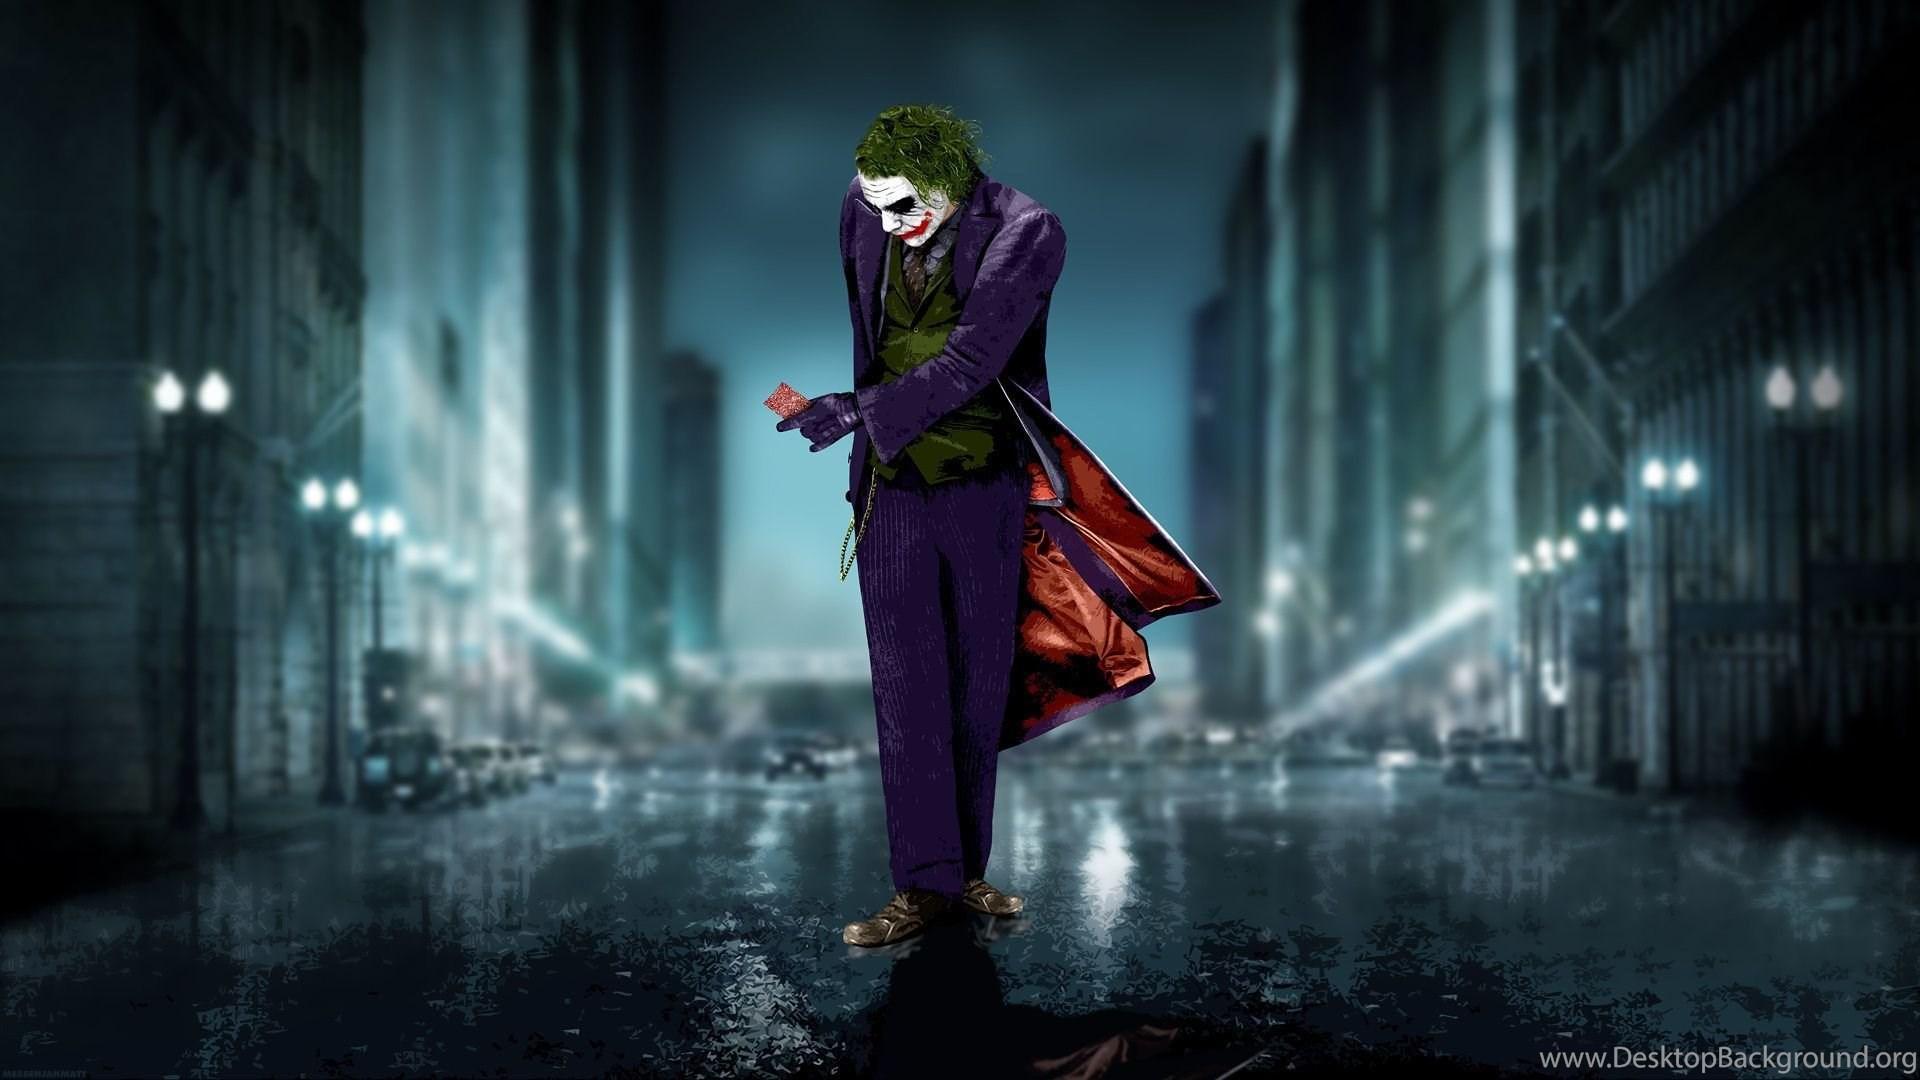 Joker In Batman Movie Poster Hd Wallpapers Stylishhdwallpapers